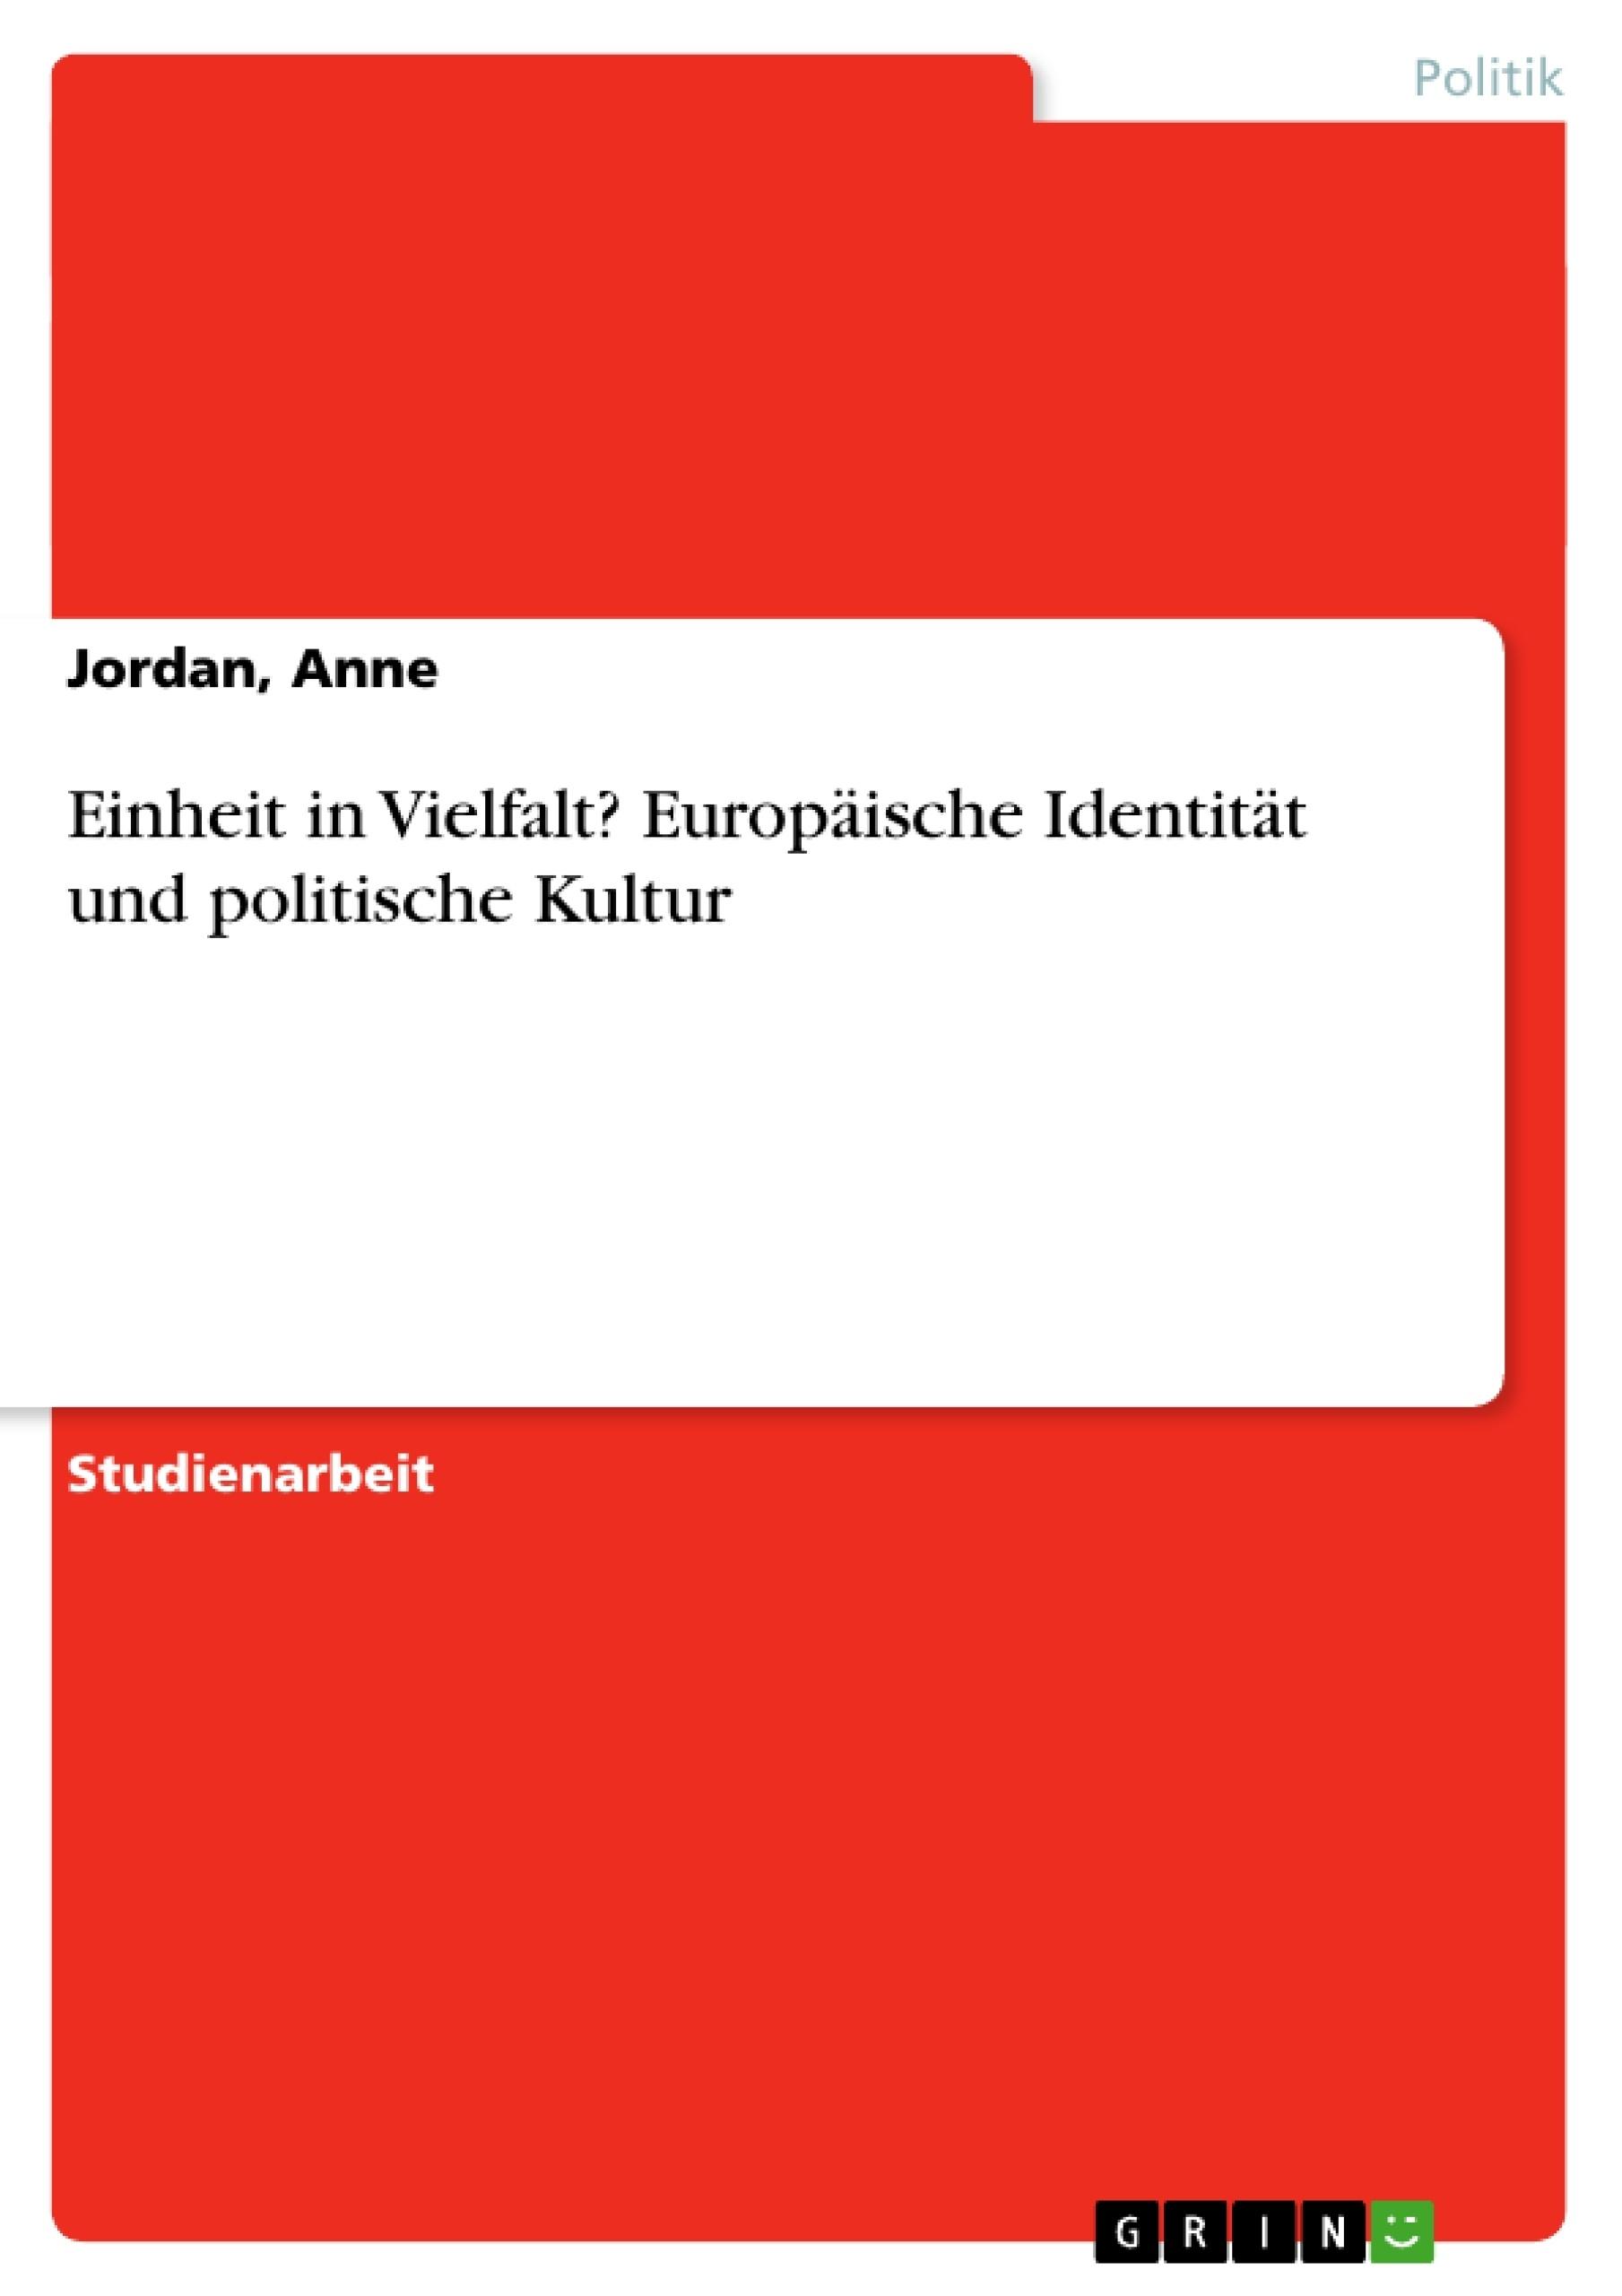 Titel: Einheit in Vielfalt? Europäische Identität und politische Kultur